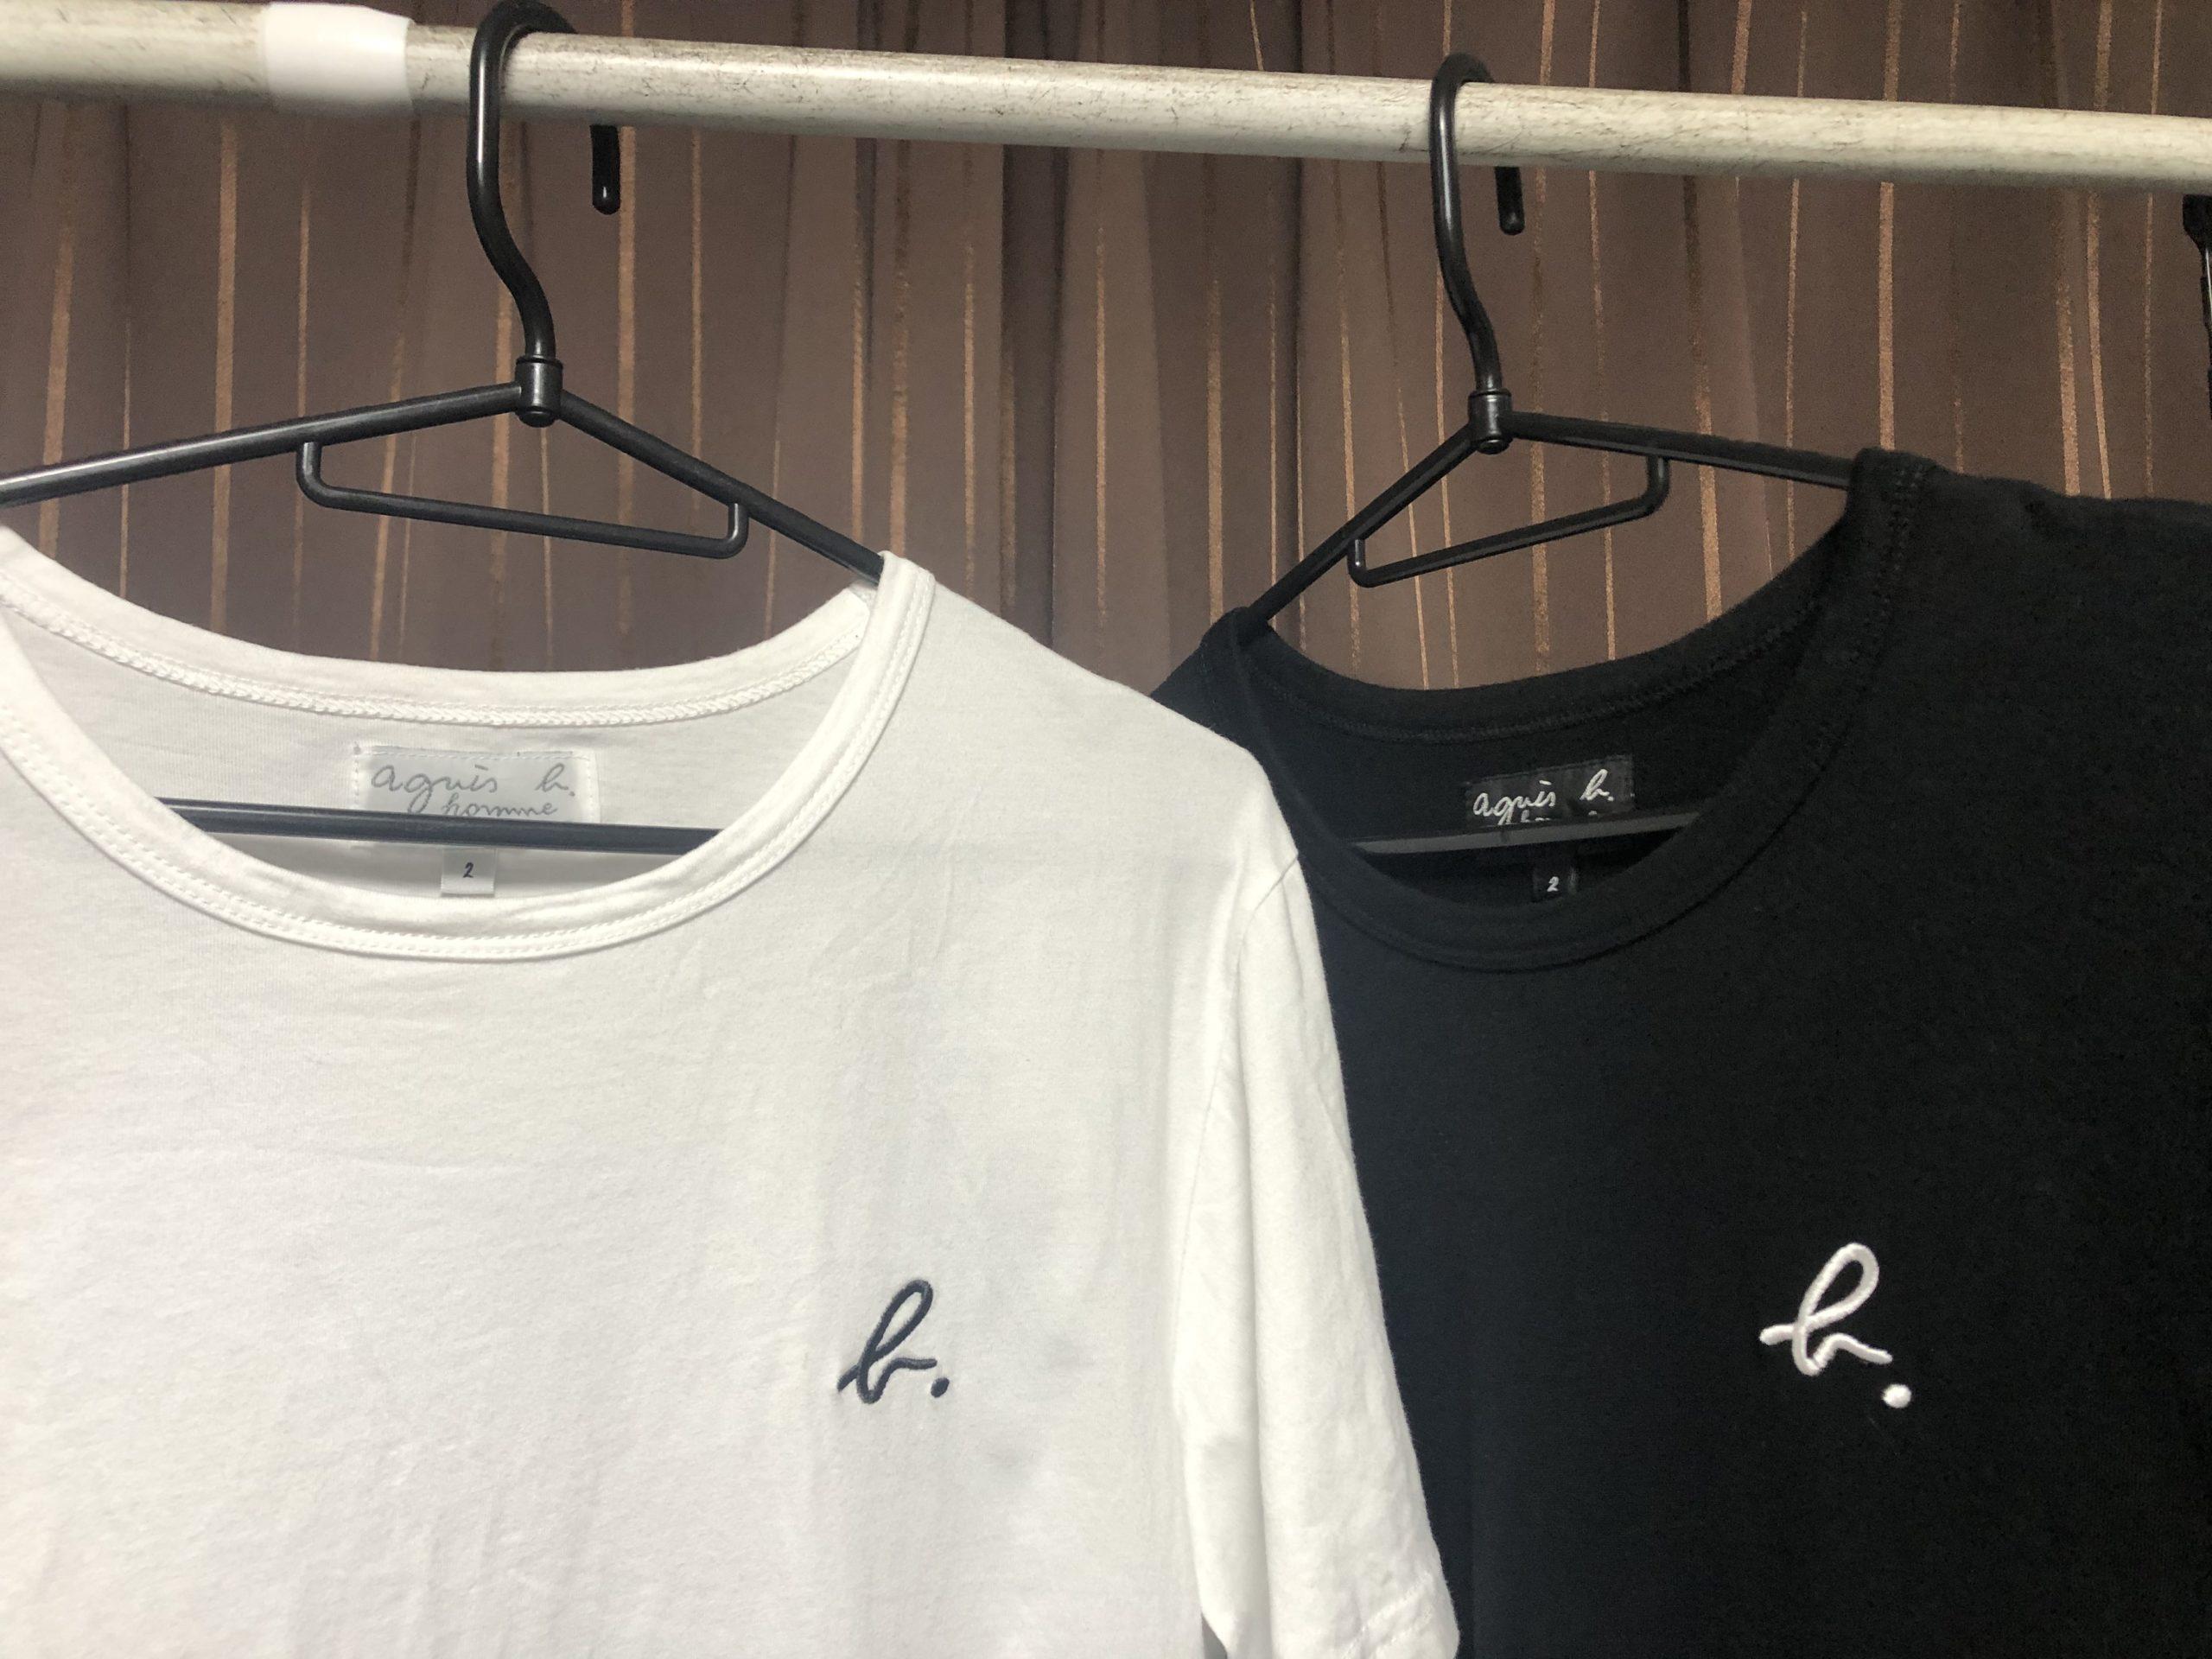 アニエスベーメンズロゴTシャツ